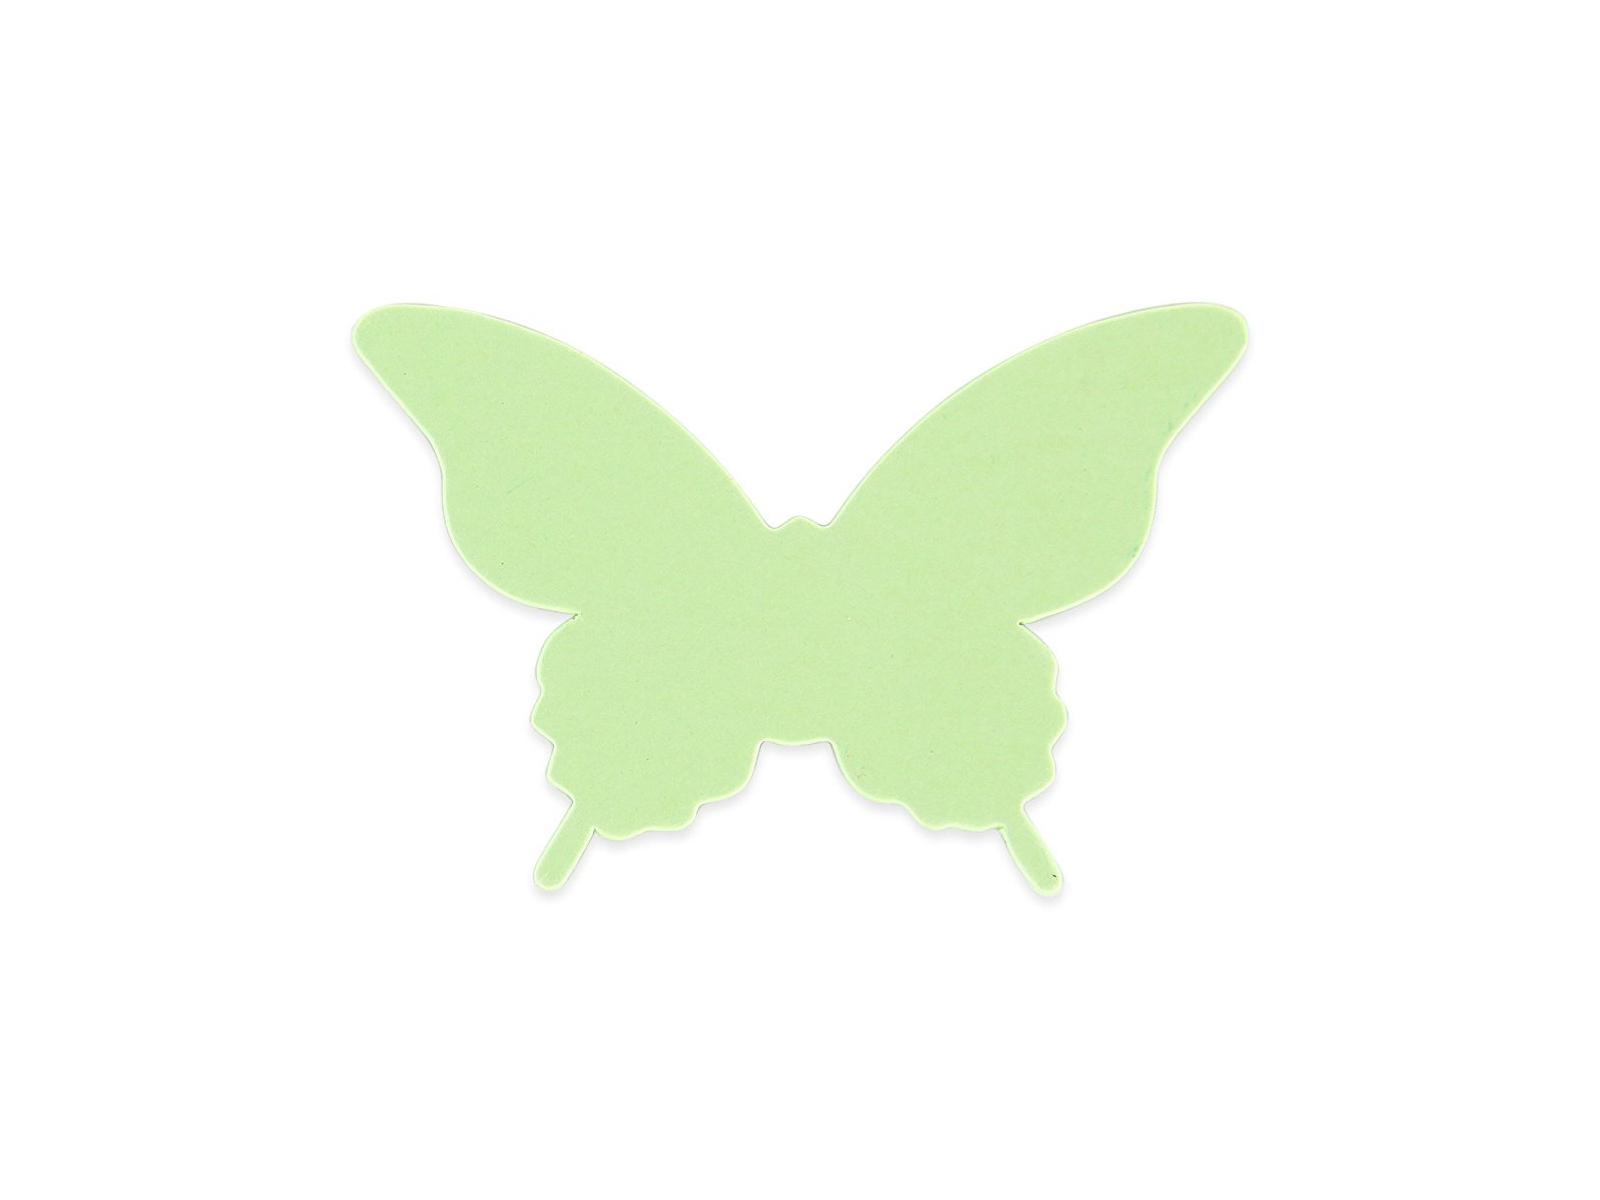 Ausgezeichnet Frühling Schmetterlinge Färbung Seiten Ideen ...